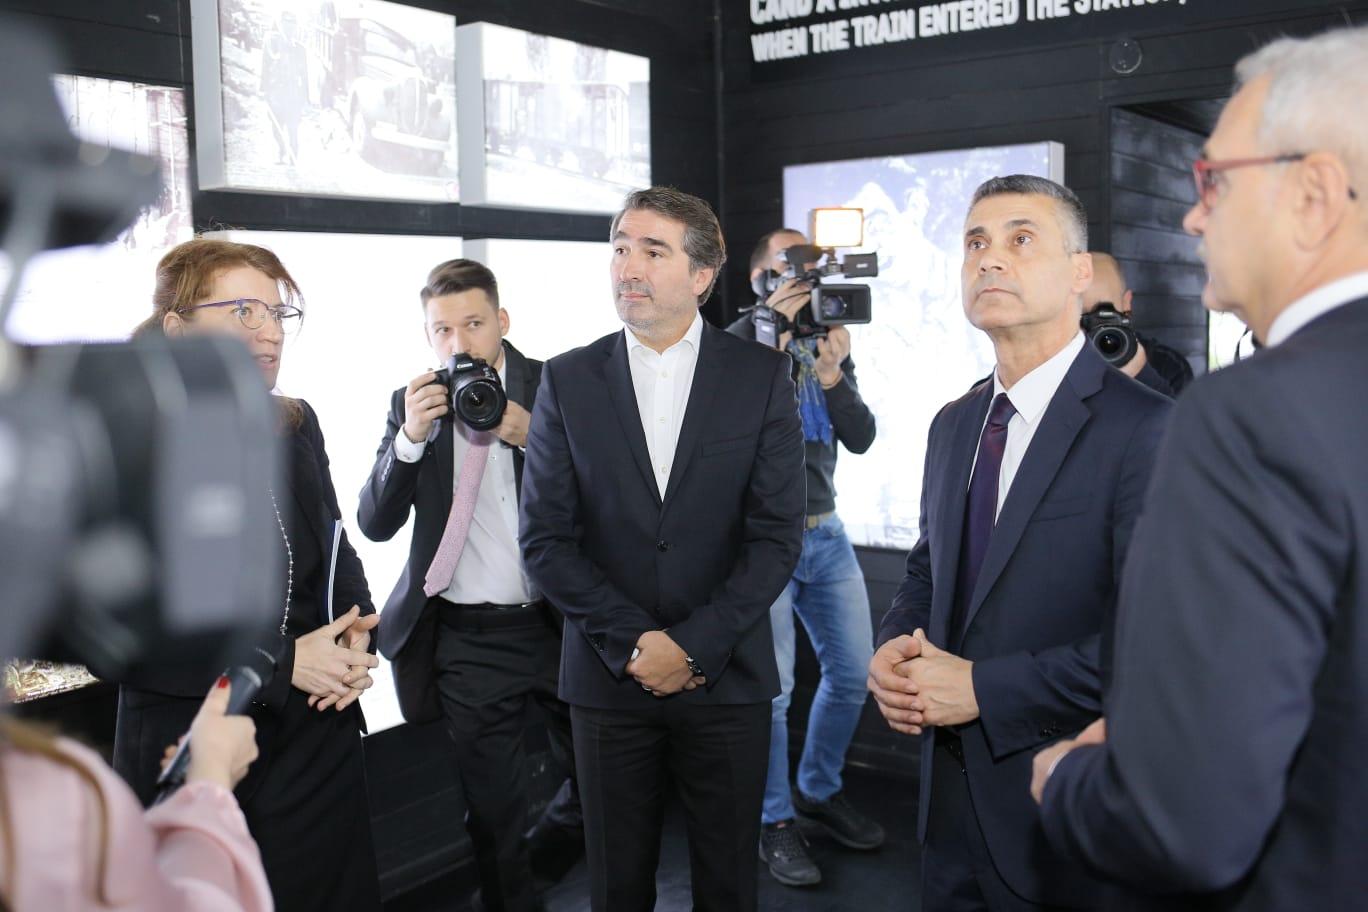 """[FOTO] Expoziţia """"Viorica Agarici"""", organizată de Consiliul Județean Neamț la Palatul Parlamentului"""